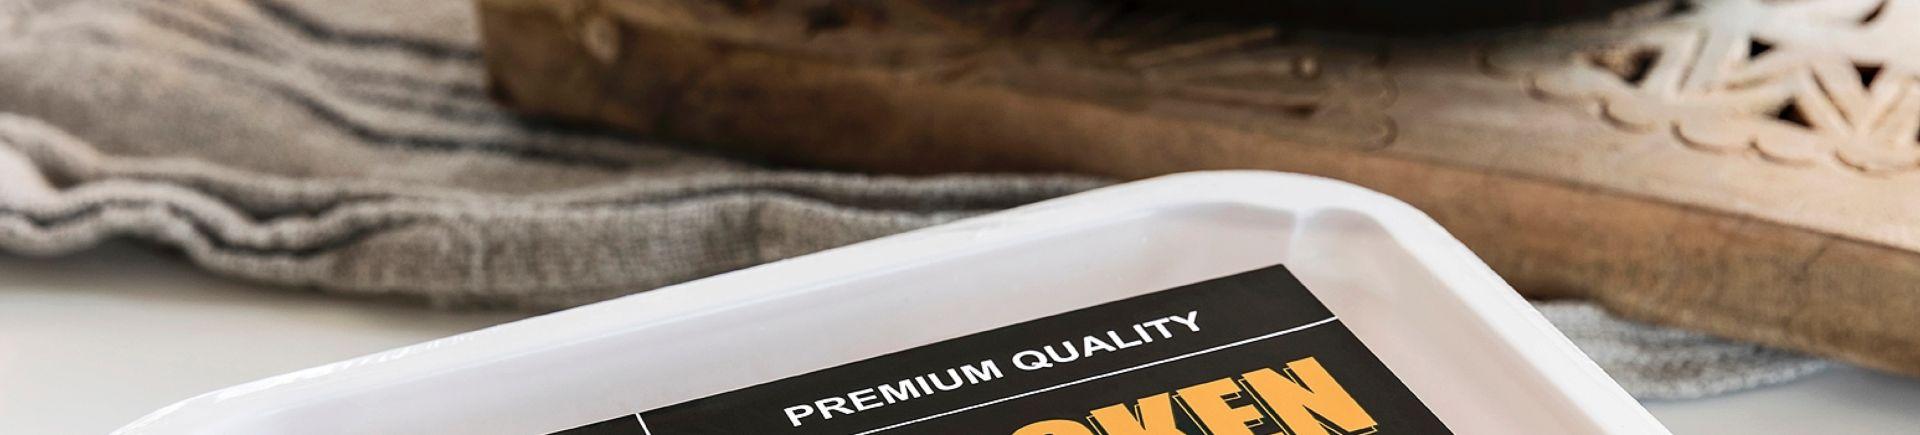 thermal paper label materials